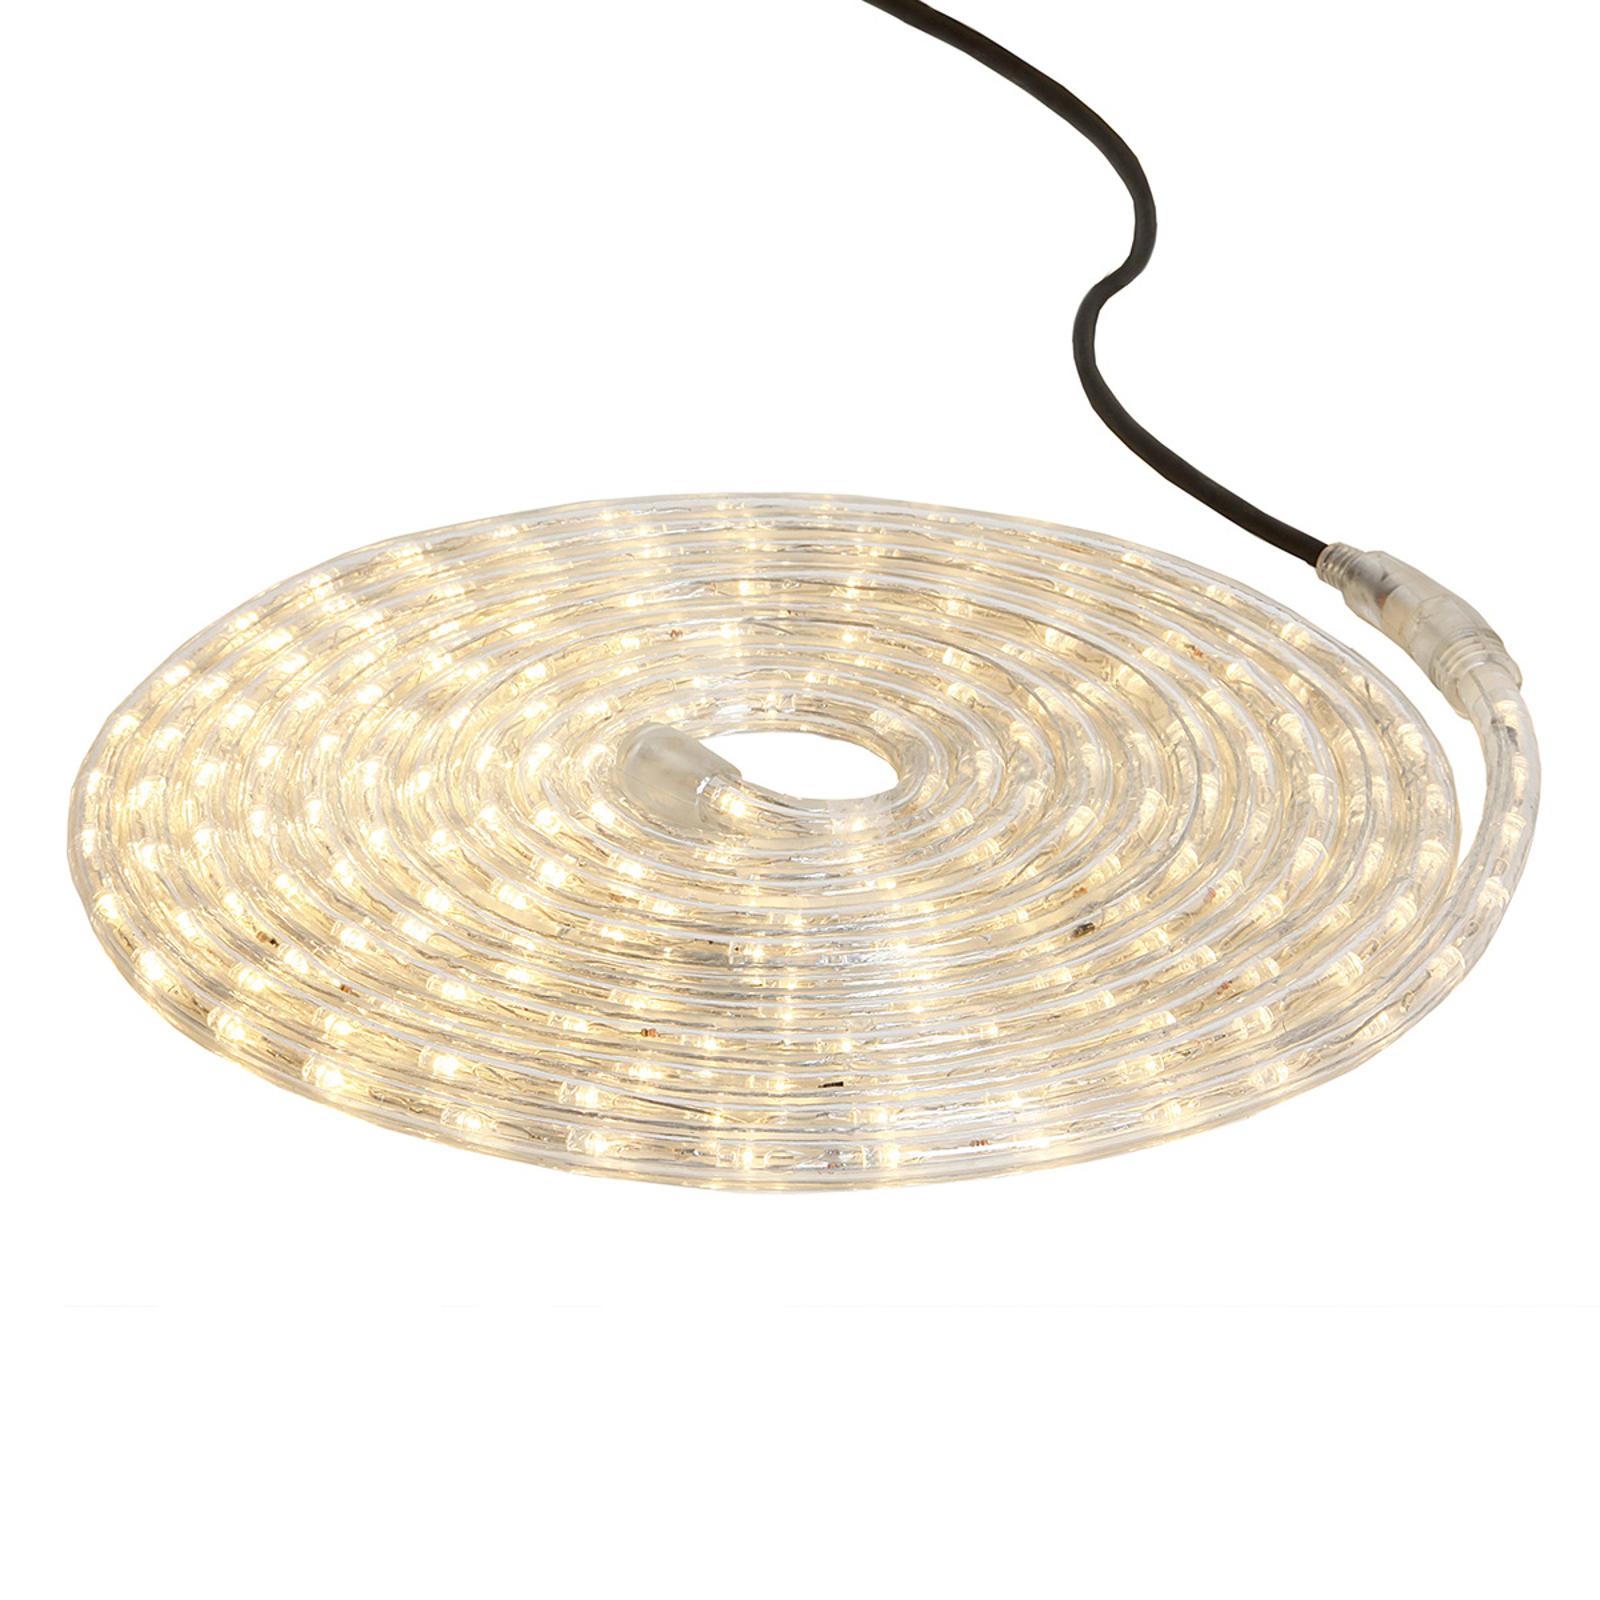 LED-Lichtschlauch Ropelight Flex 6 Meter warmweiß